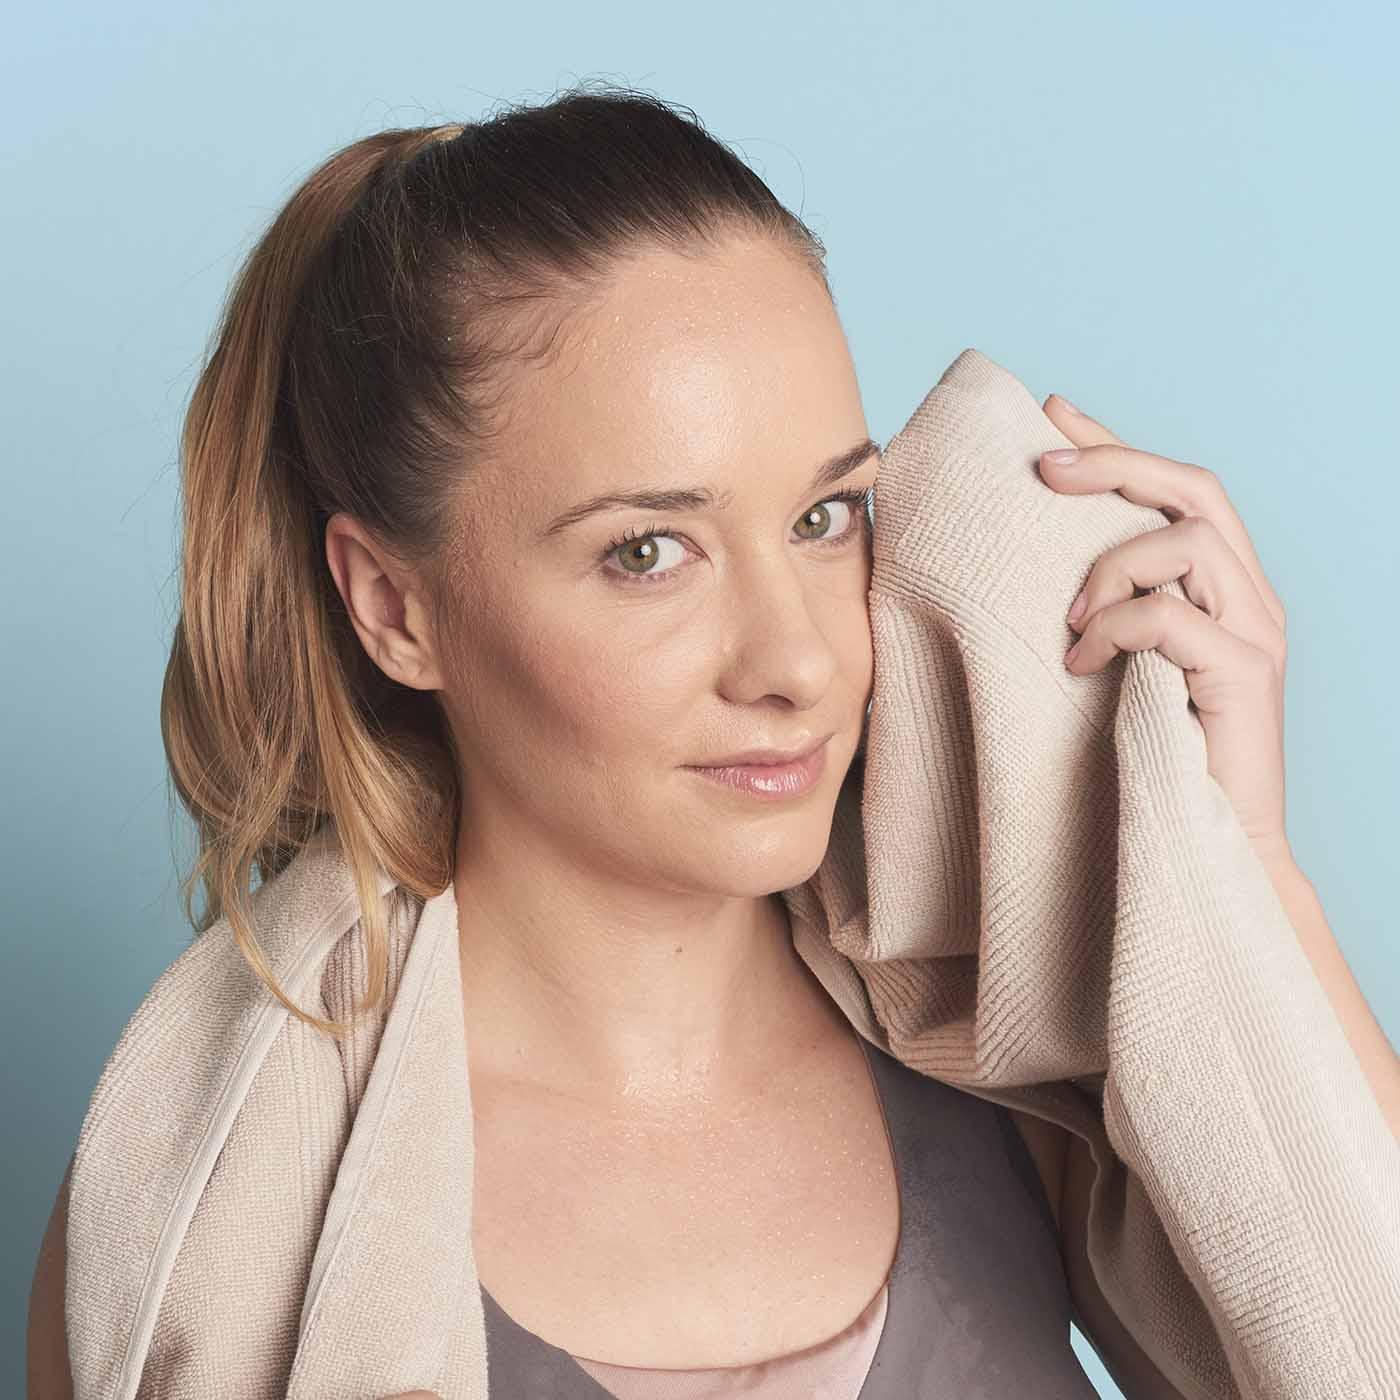 Schwitzende Frau trocknet mit einem Handtuch ihren Schweiß ab